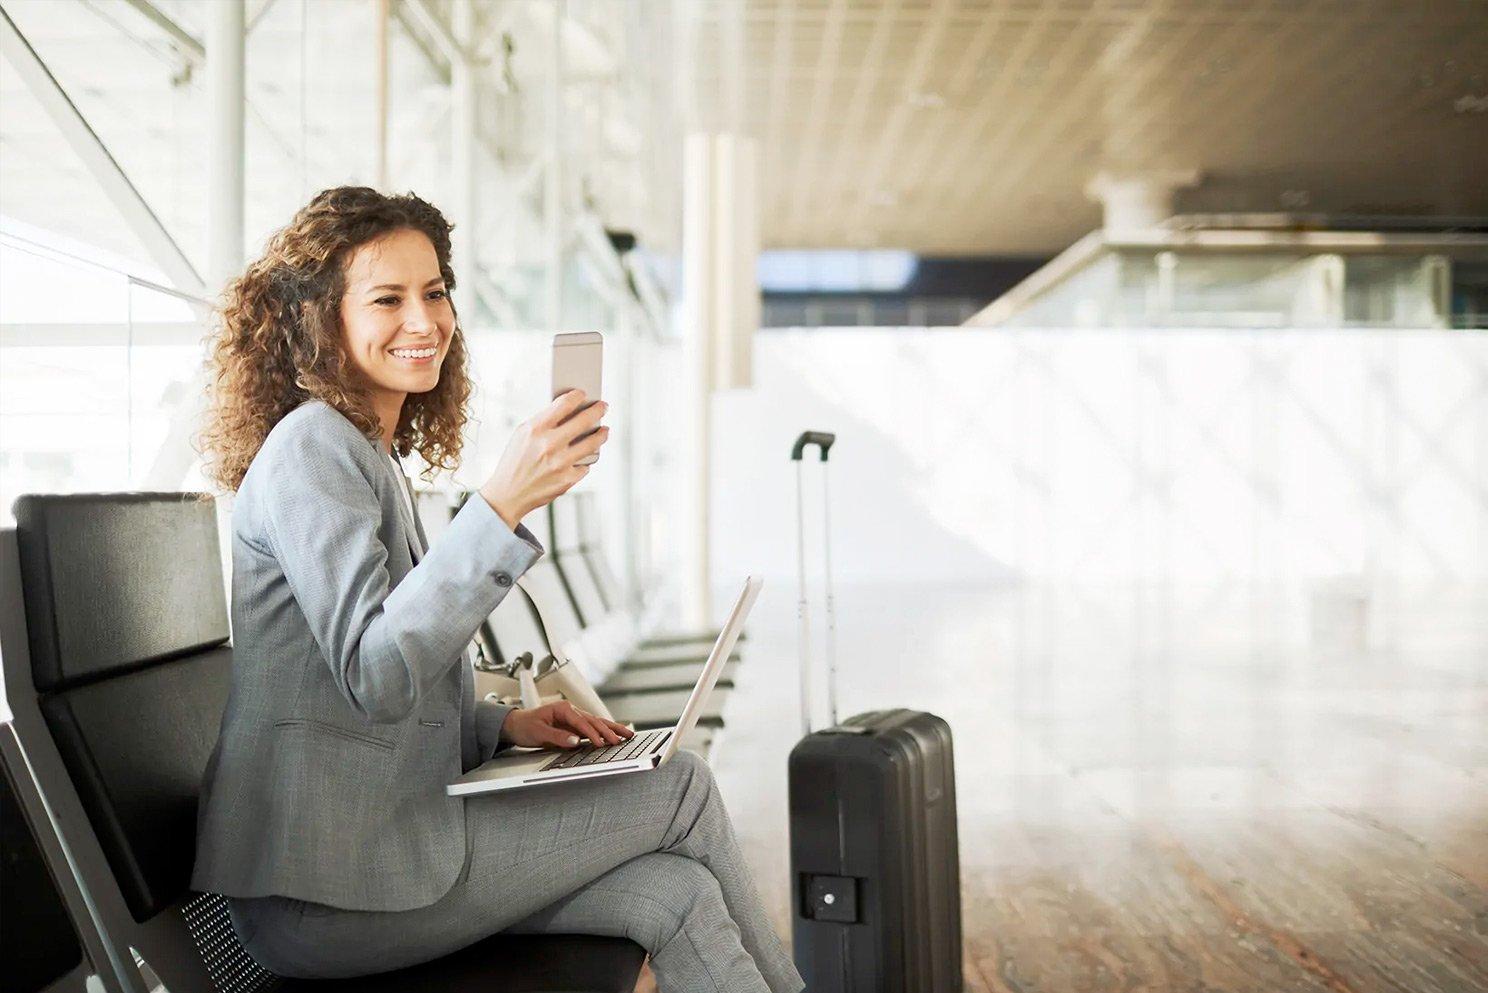 Comunicación Interna para entornos de negocio